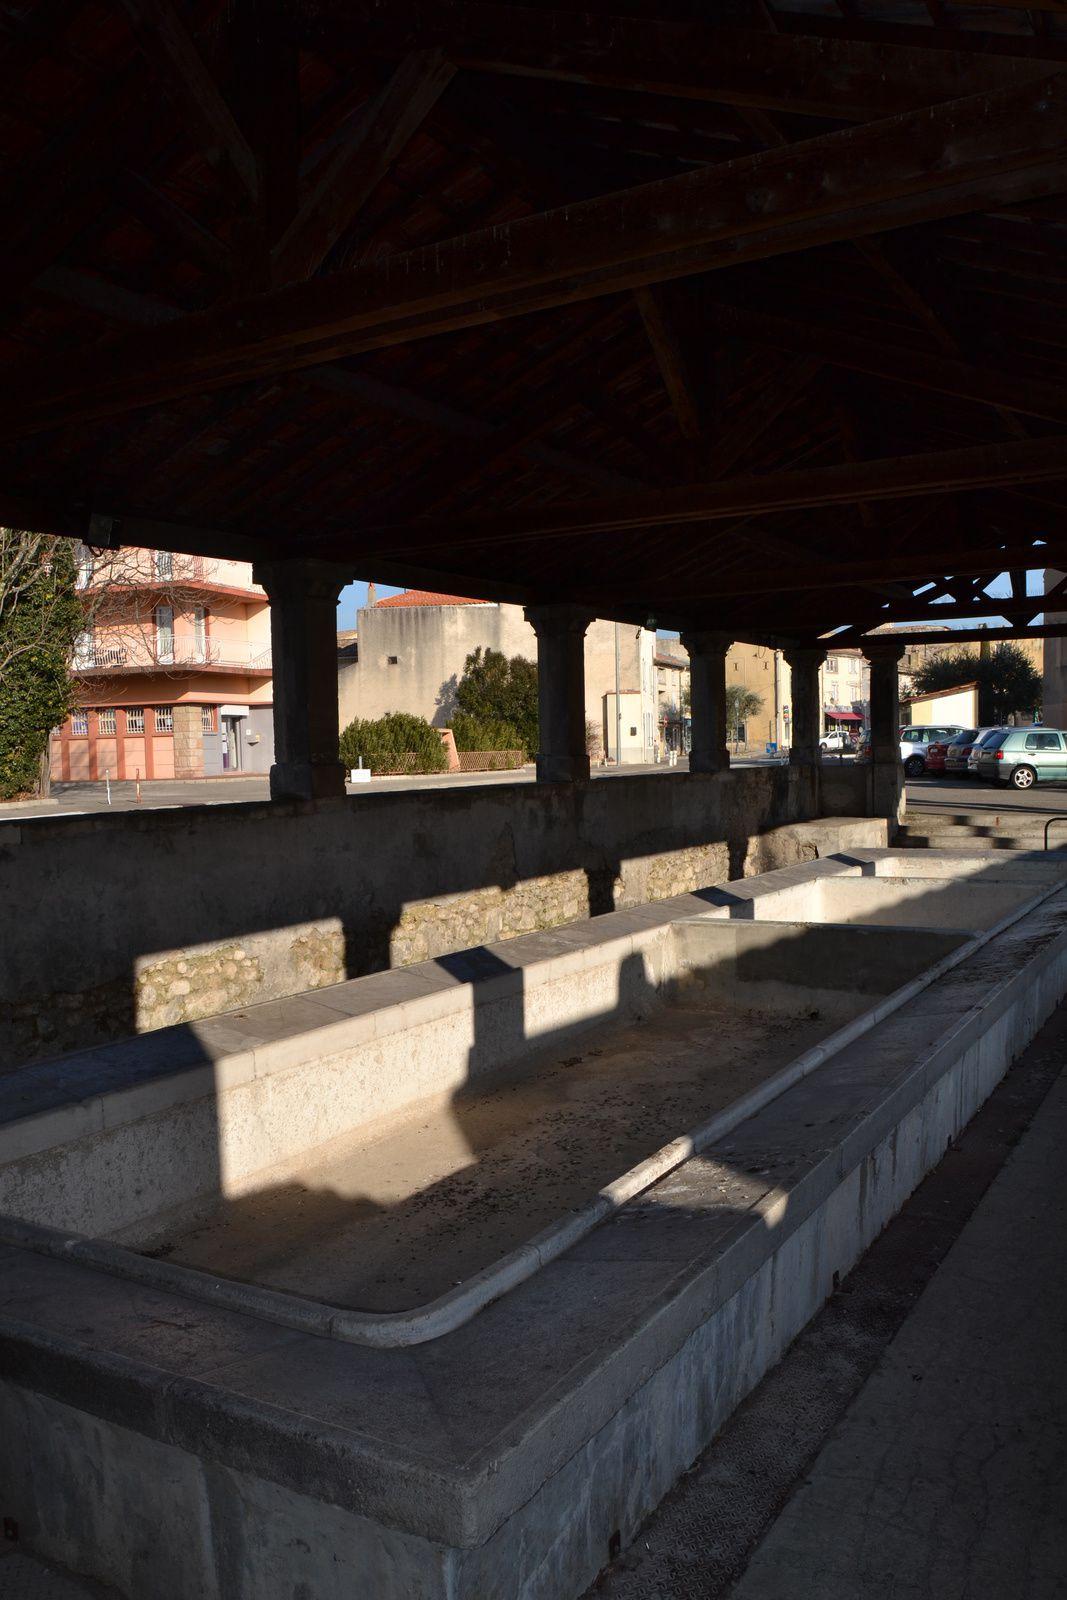 En 1821-1822, le lavoir est agrandi. Il peut dès lors accueillir jusqu'à 40 lavandières. Il est couvert en 1863. Les piliers de soutien de sa toiture sont construit en pierre dite de Saint-Restitut, commune voisine.